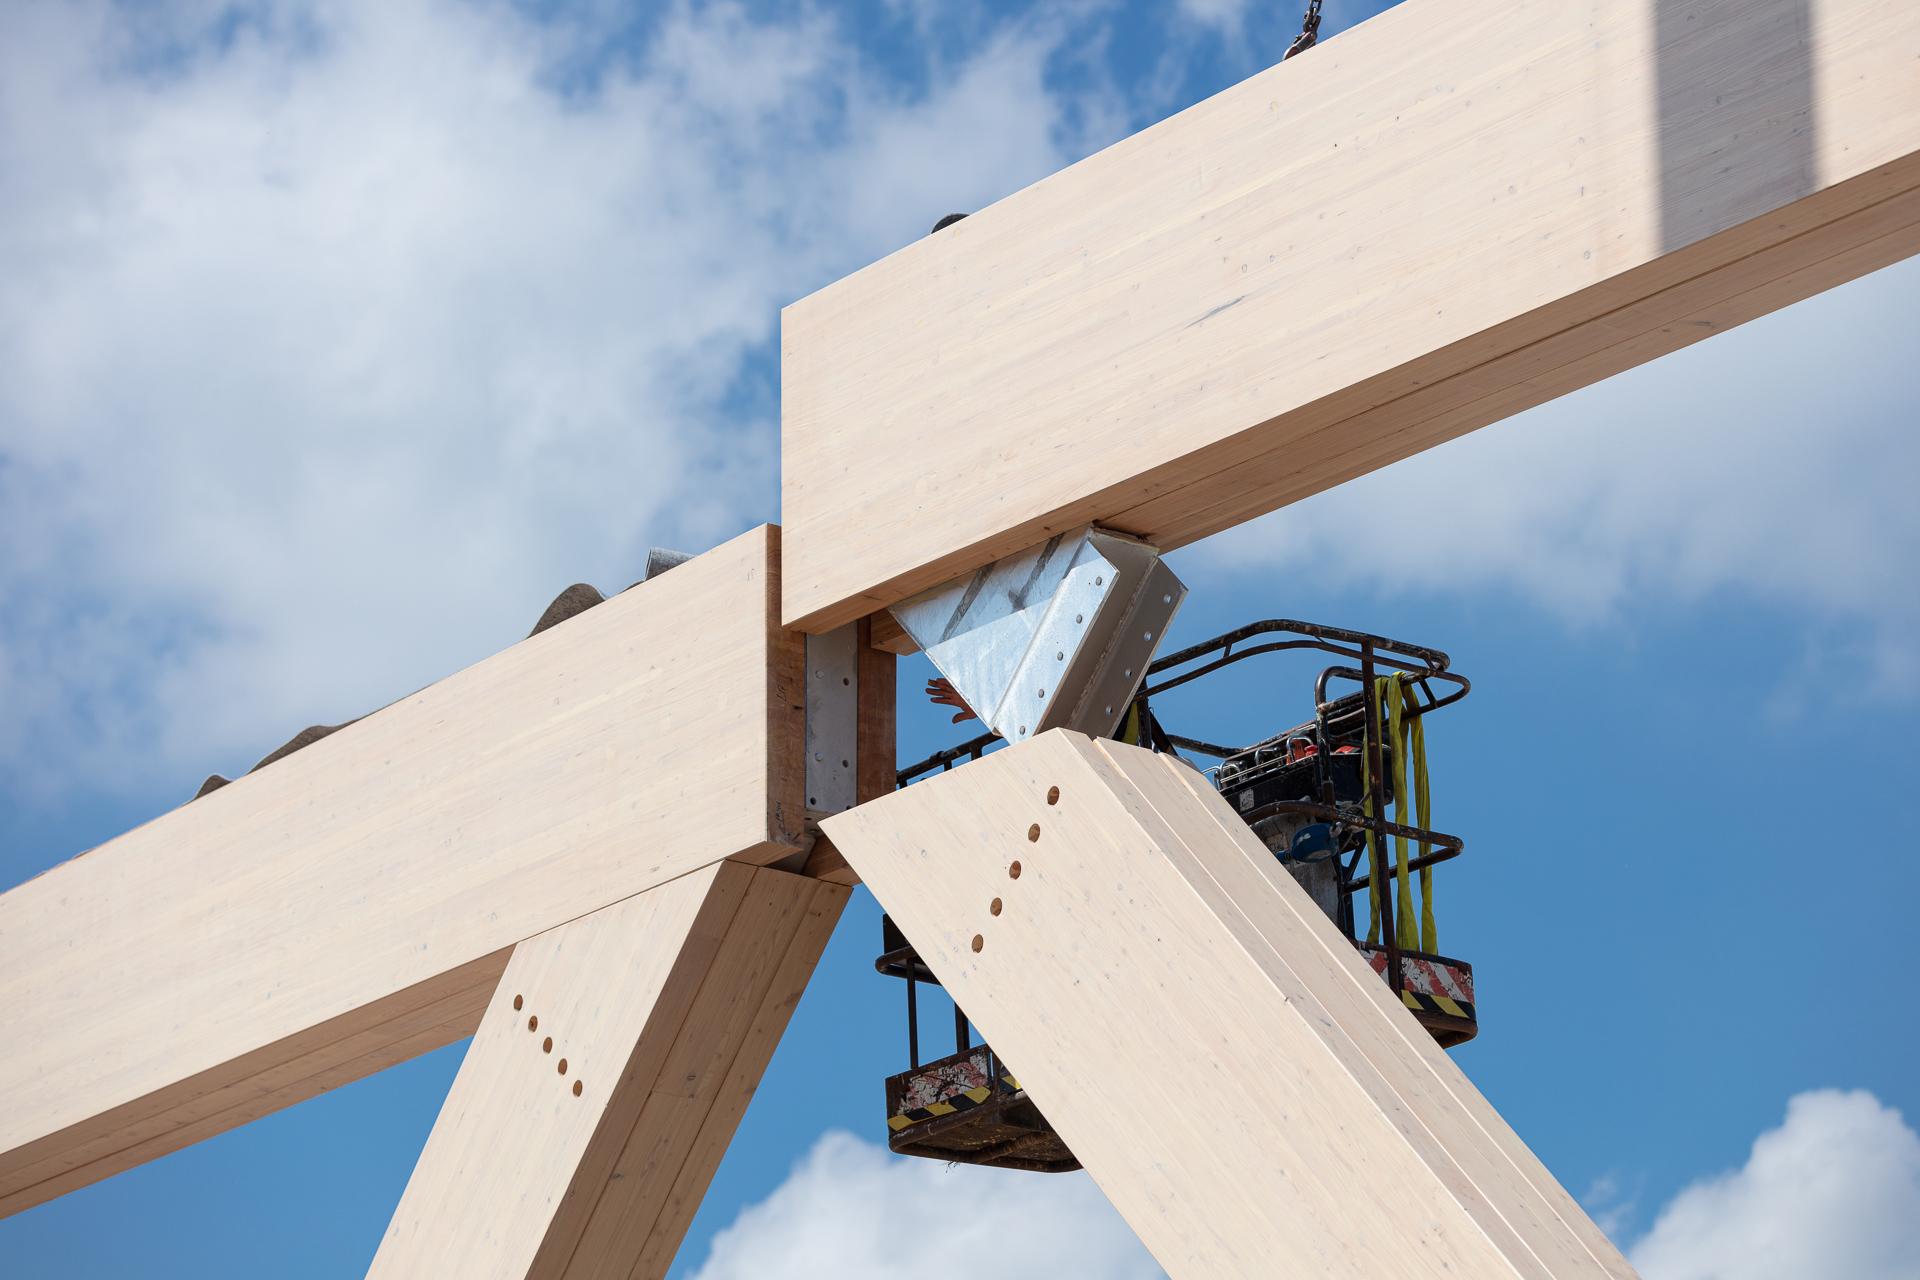 Bouwvideo Koning Willem 1 College Den Bosch Houtconstructie